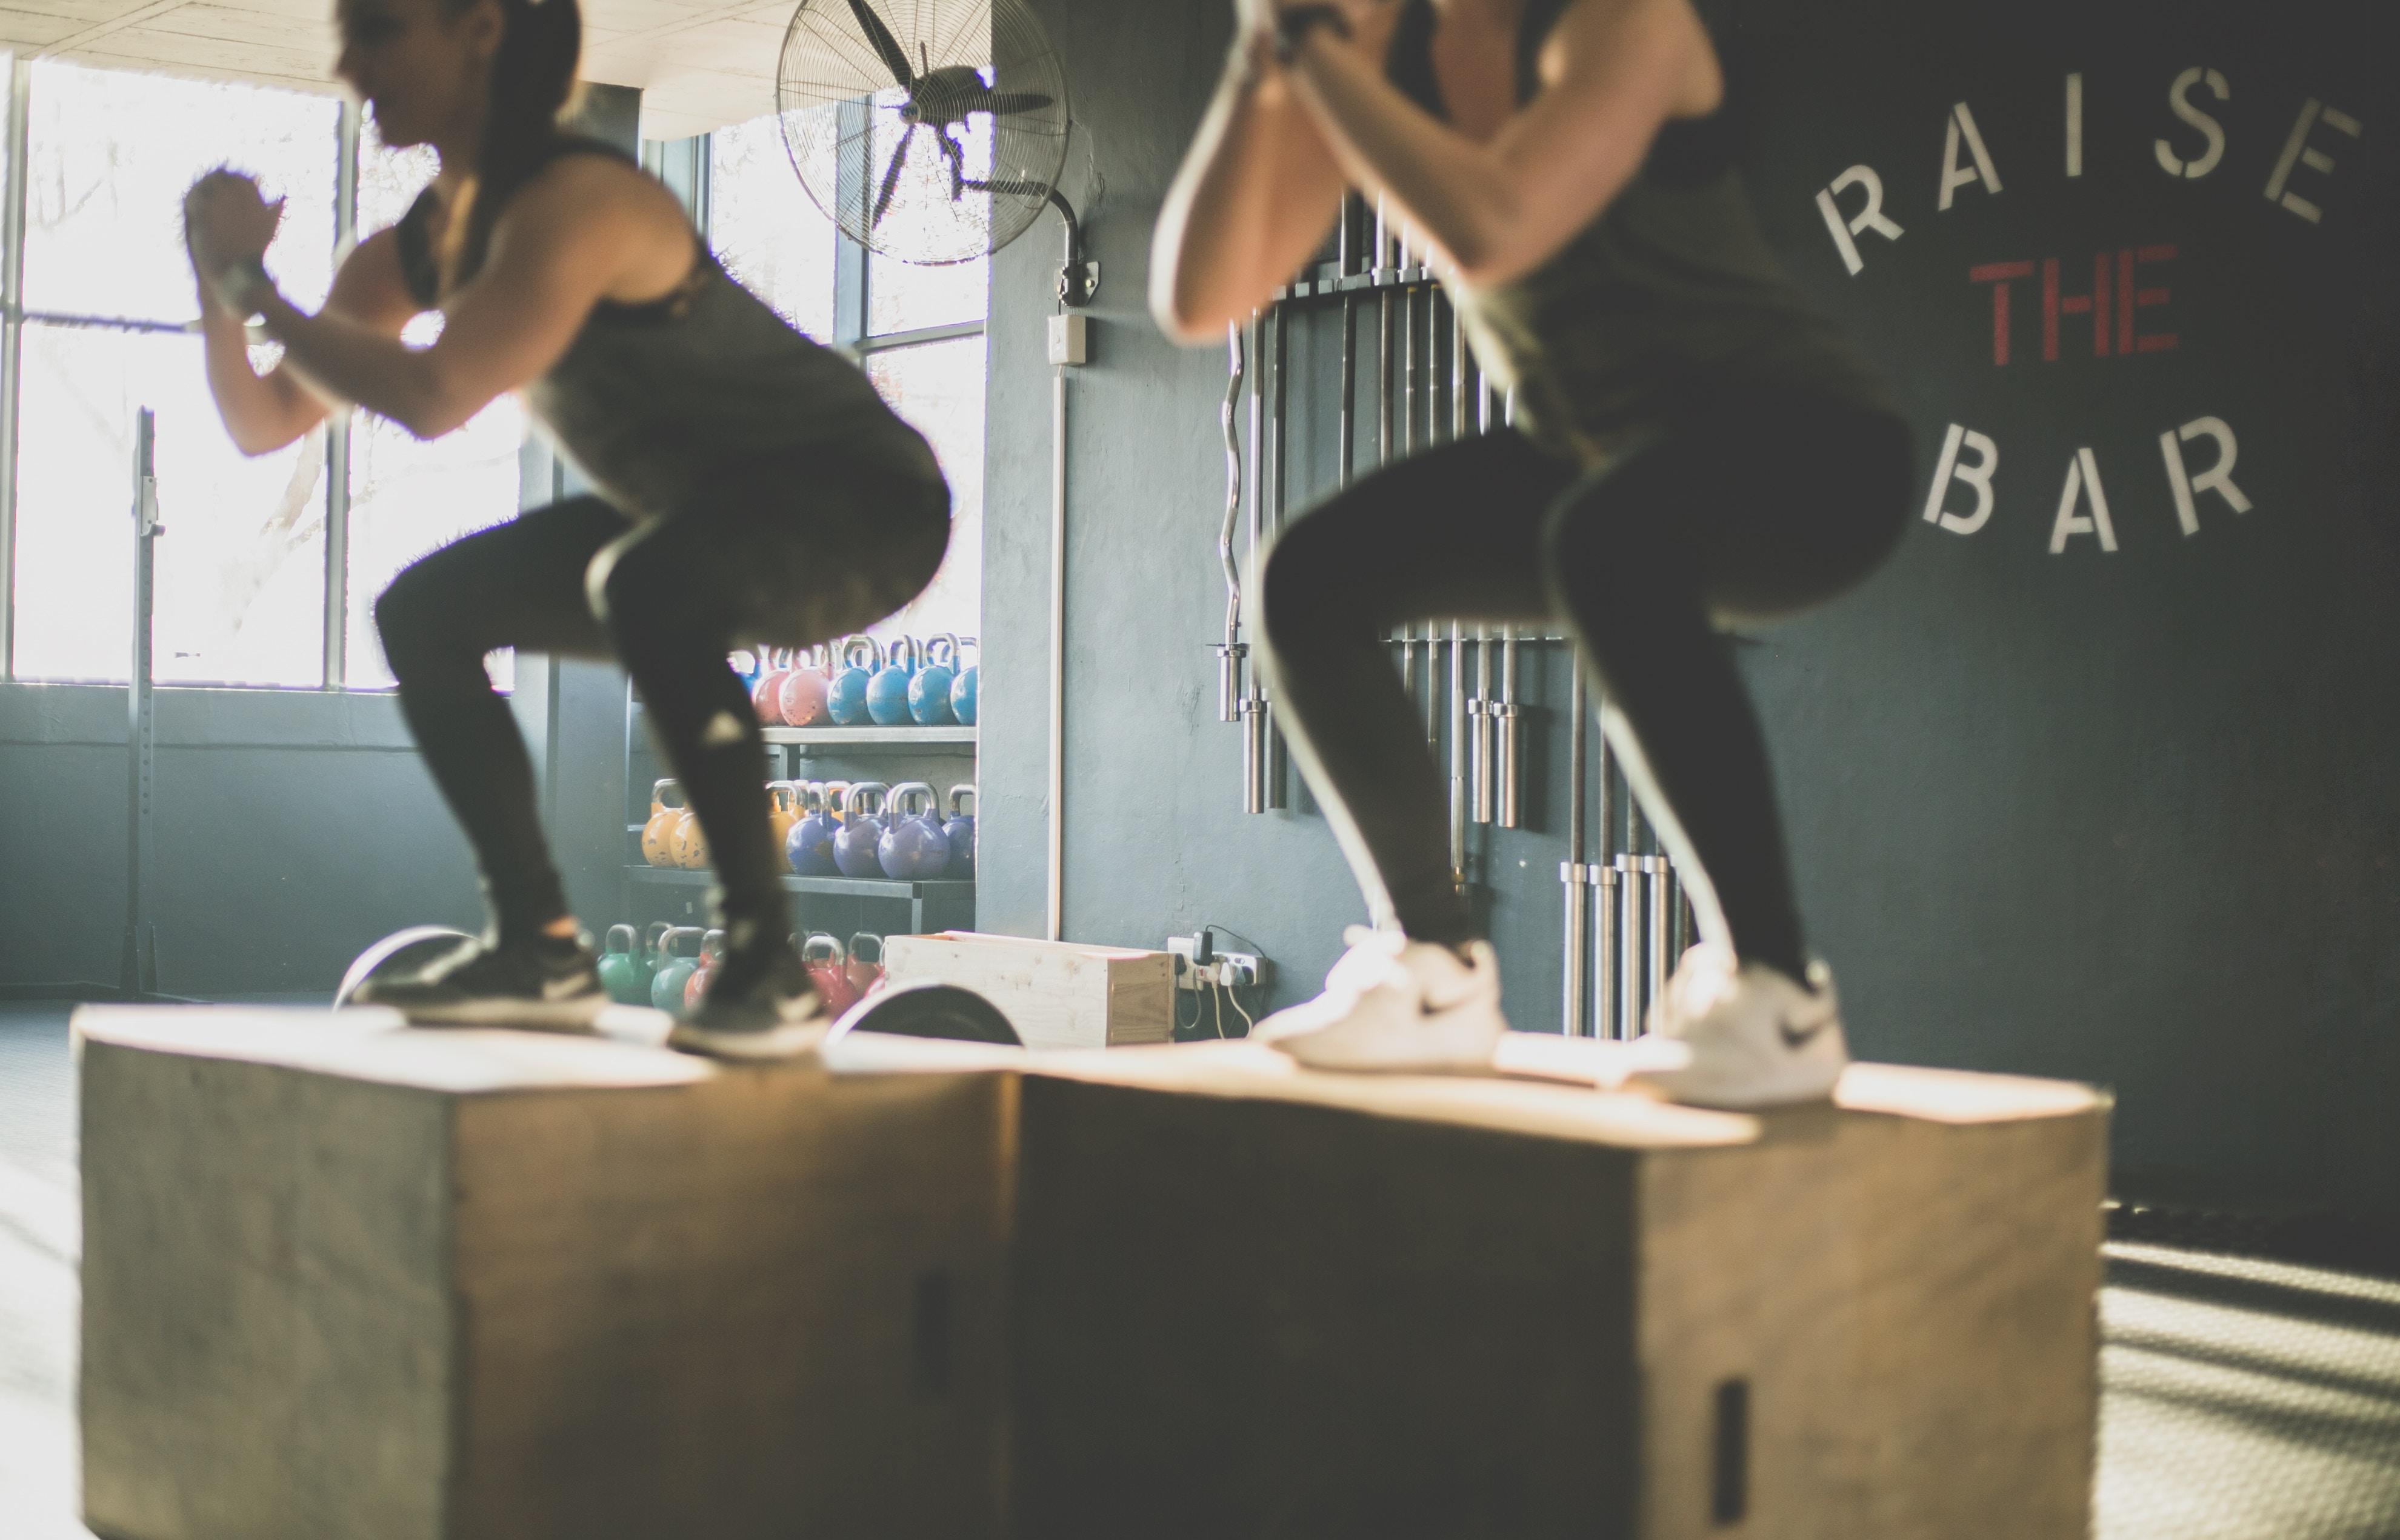 「ケガ後の筋力低下、バランスよく体を整えたい」スクワットマジックもおすすめ